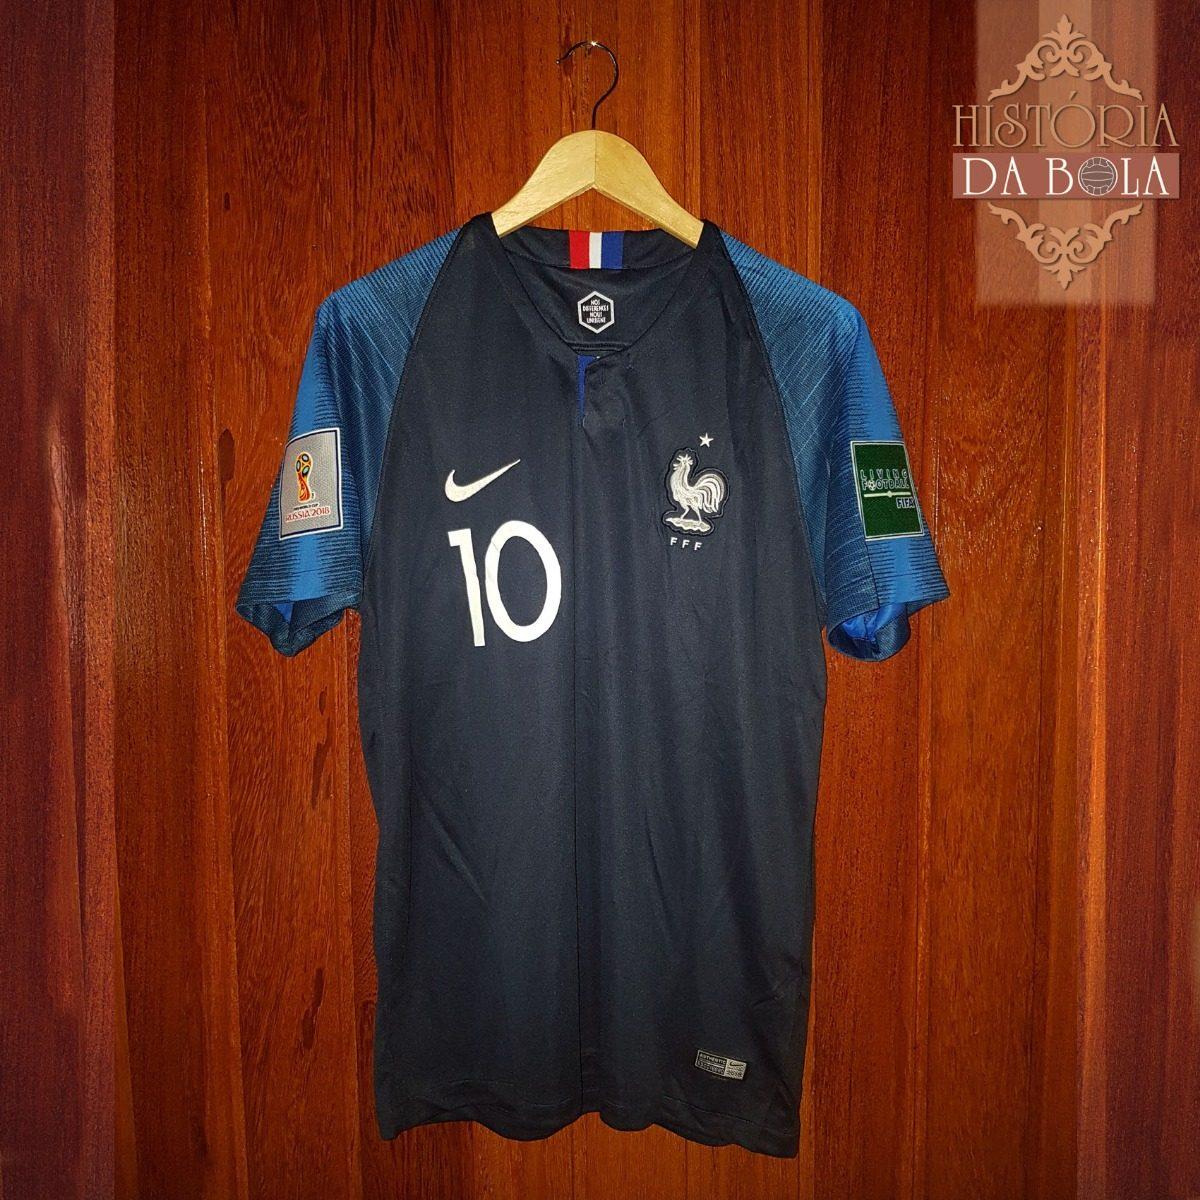 dc78f5640d095 Camisa Nike Futebol França Copa Do Mundo 2018 10 Mbappe - R  159